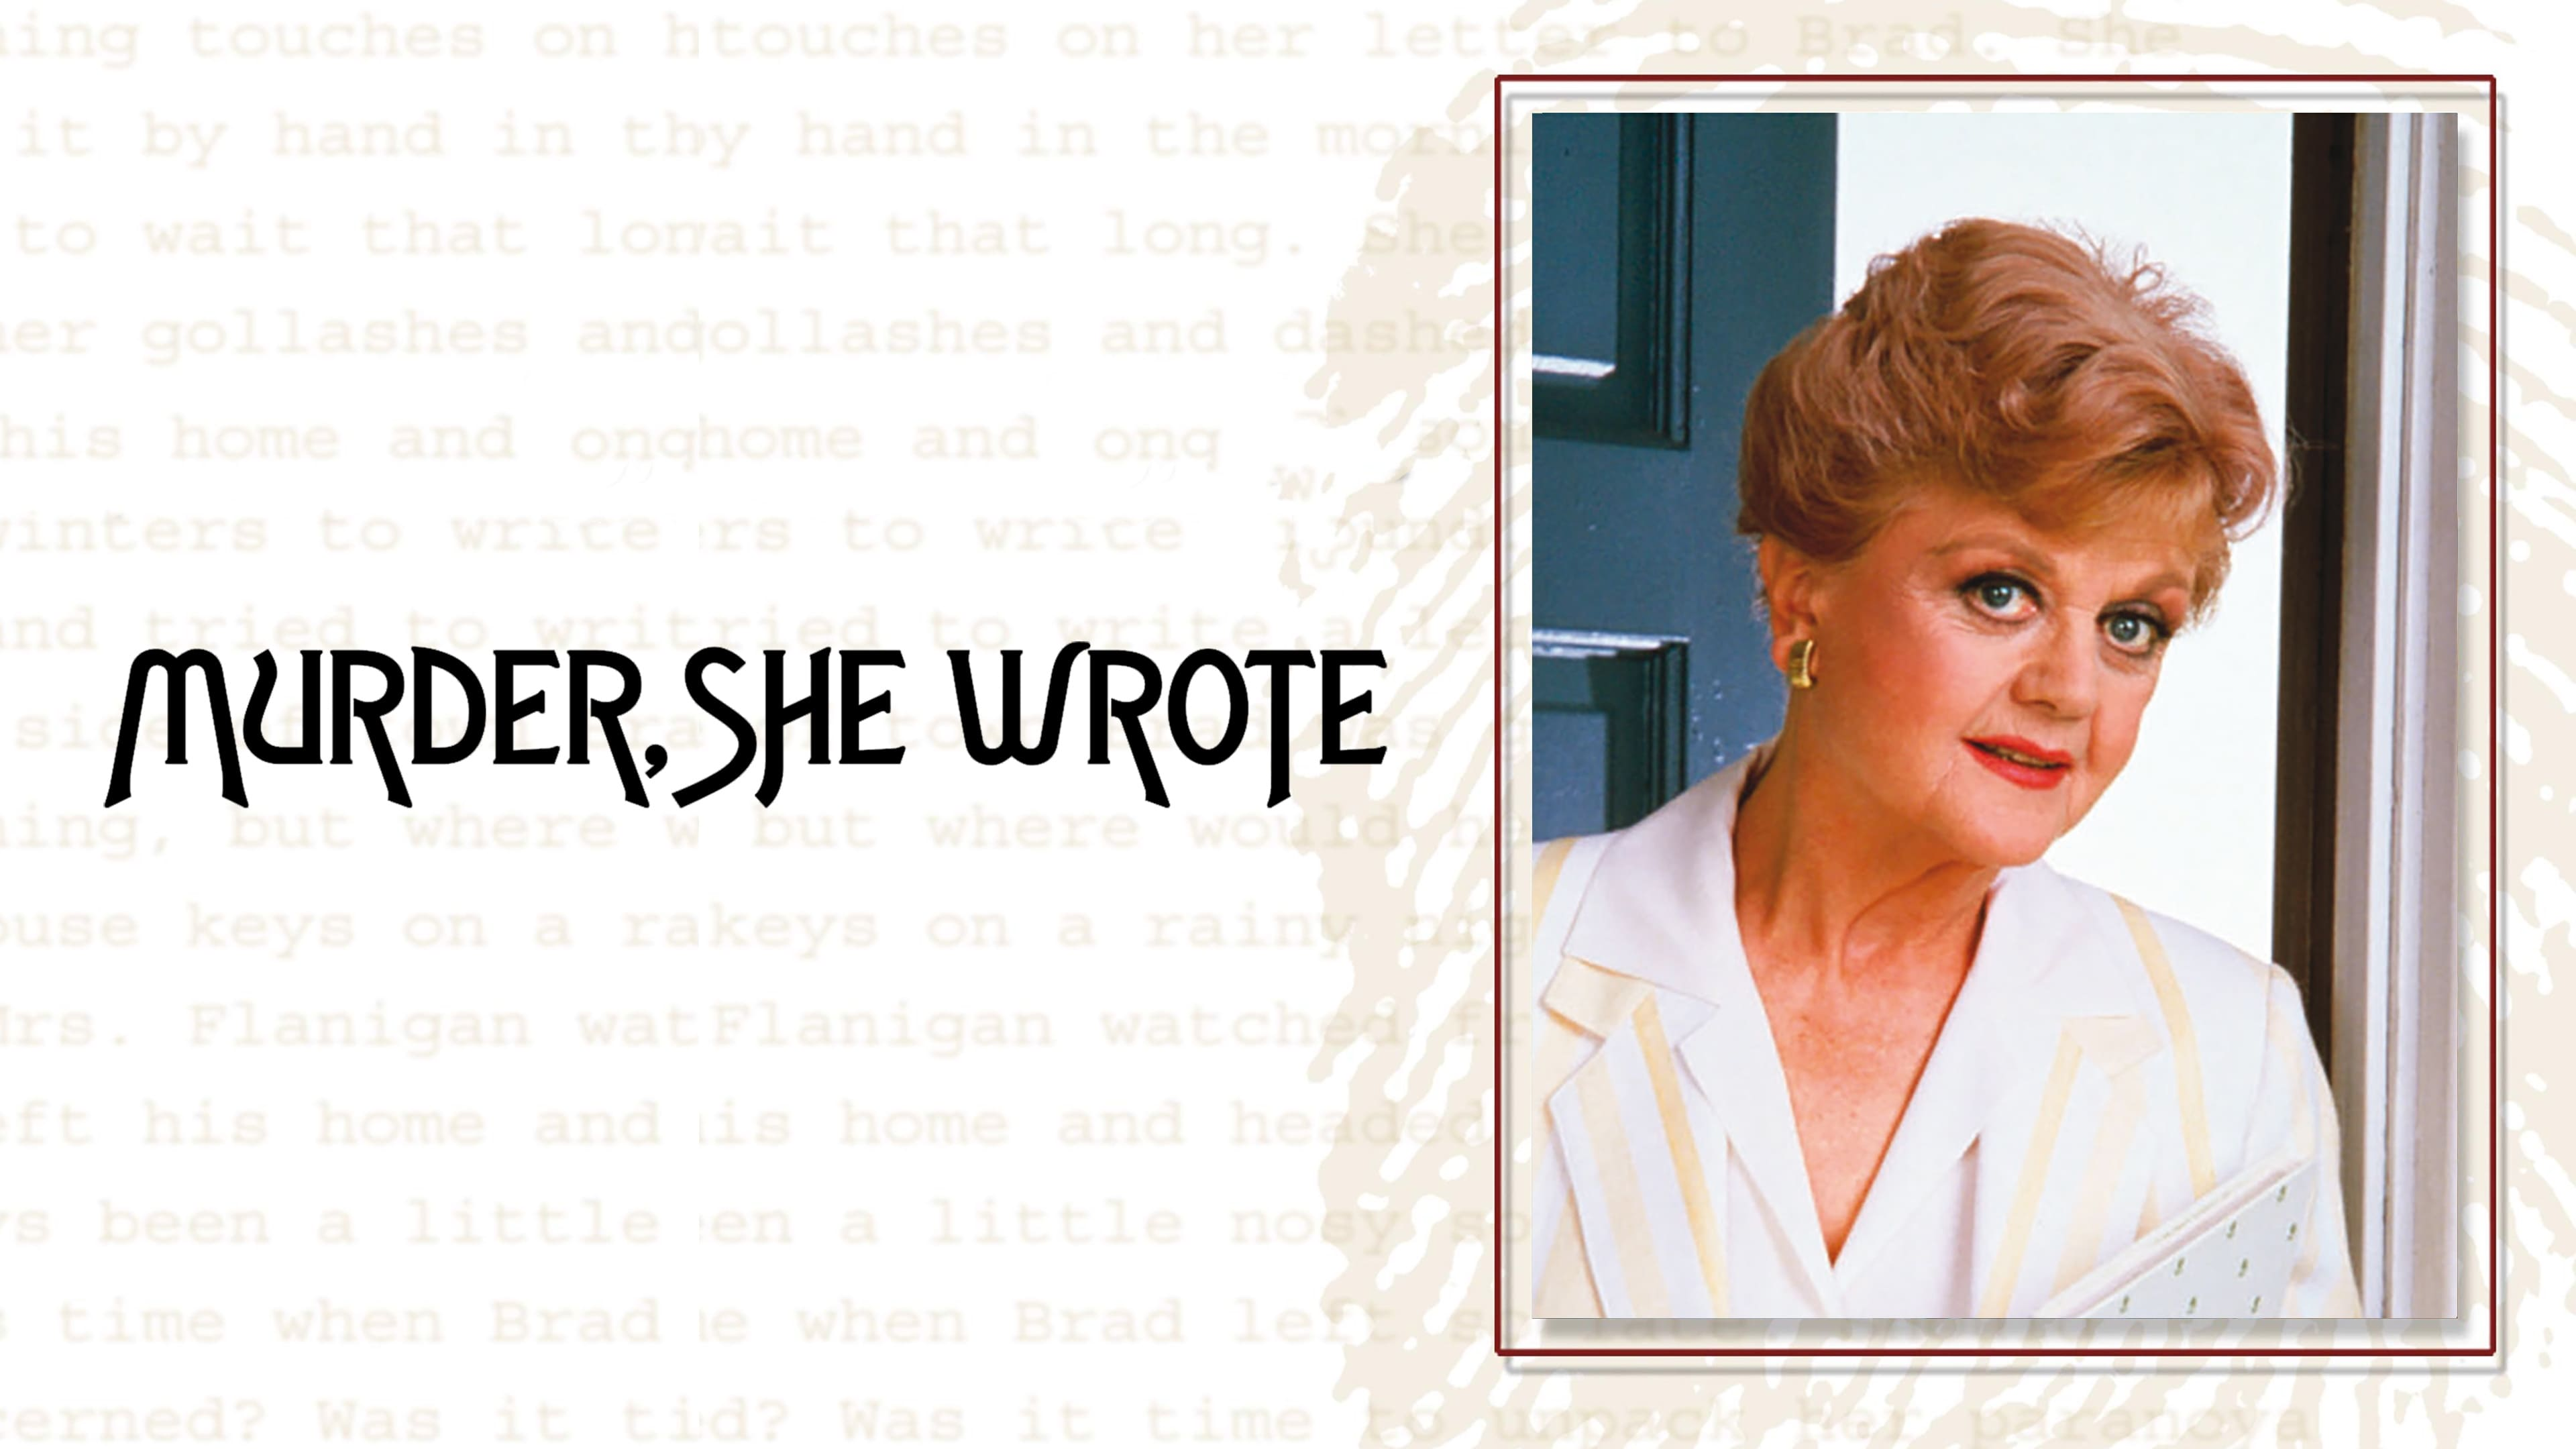 Murder, She Wrote - Season 10